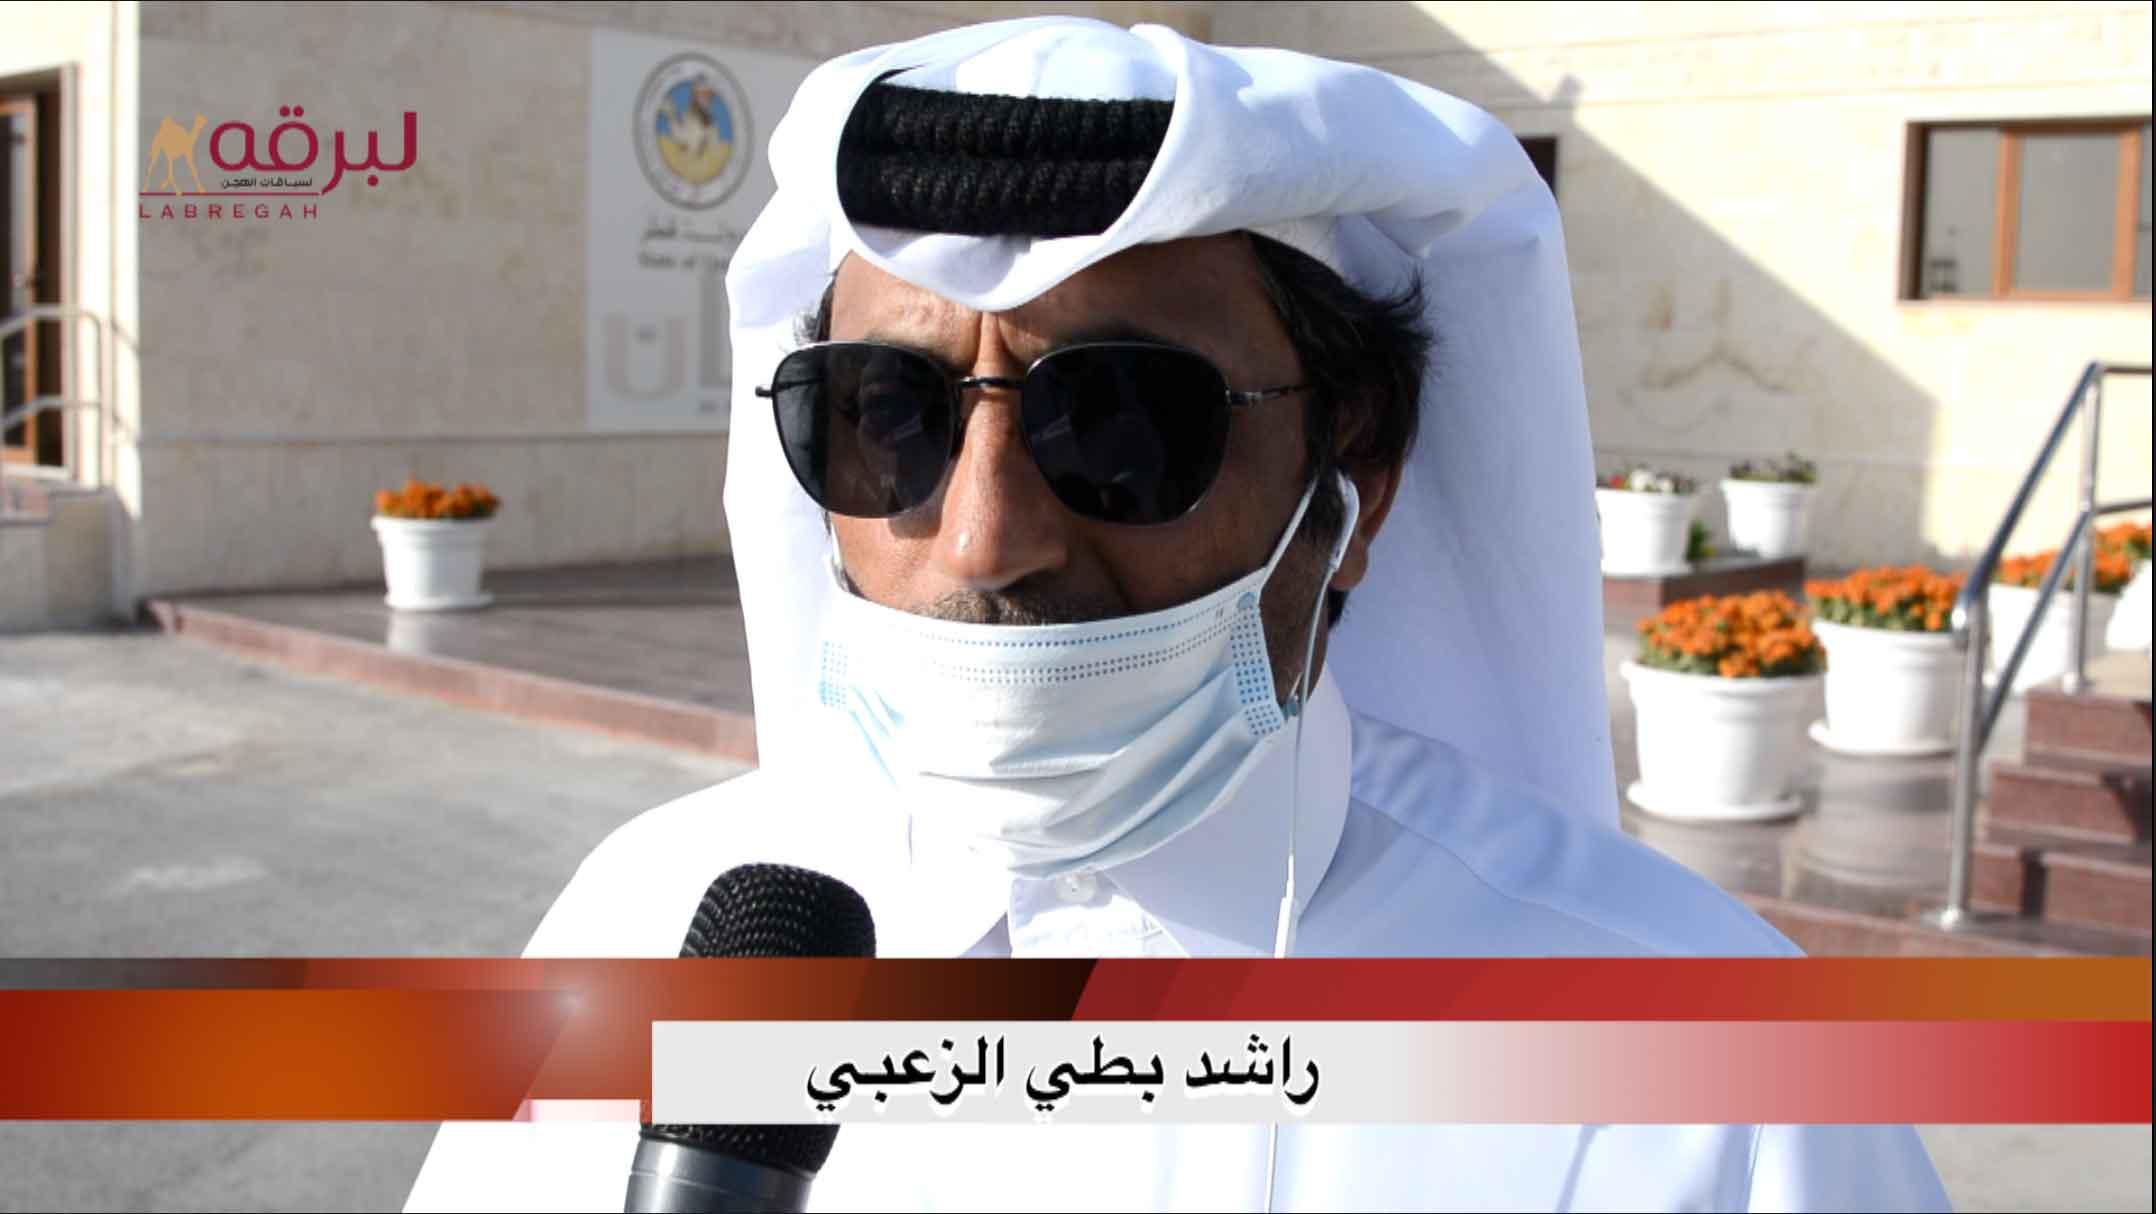 لقاء مع راشد بطي الزعبي.. الشلفة الفضية ثنايا بكار «مفتوح» الأشواط العامة  ٢٧-٣-٢٠٢١